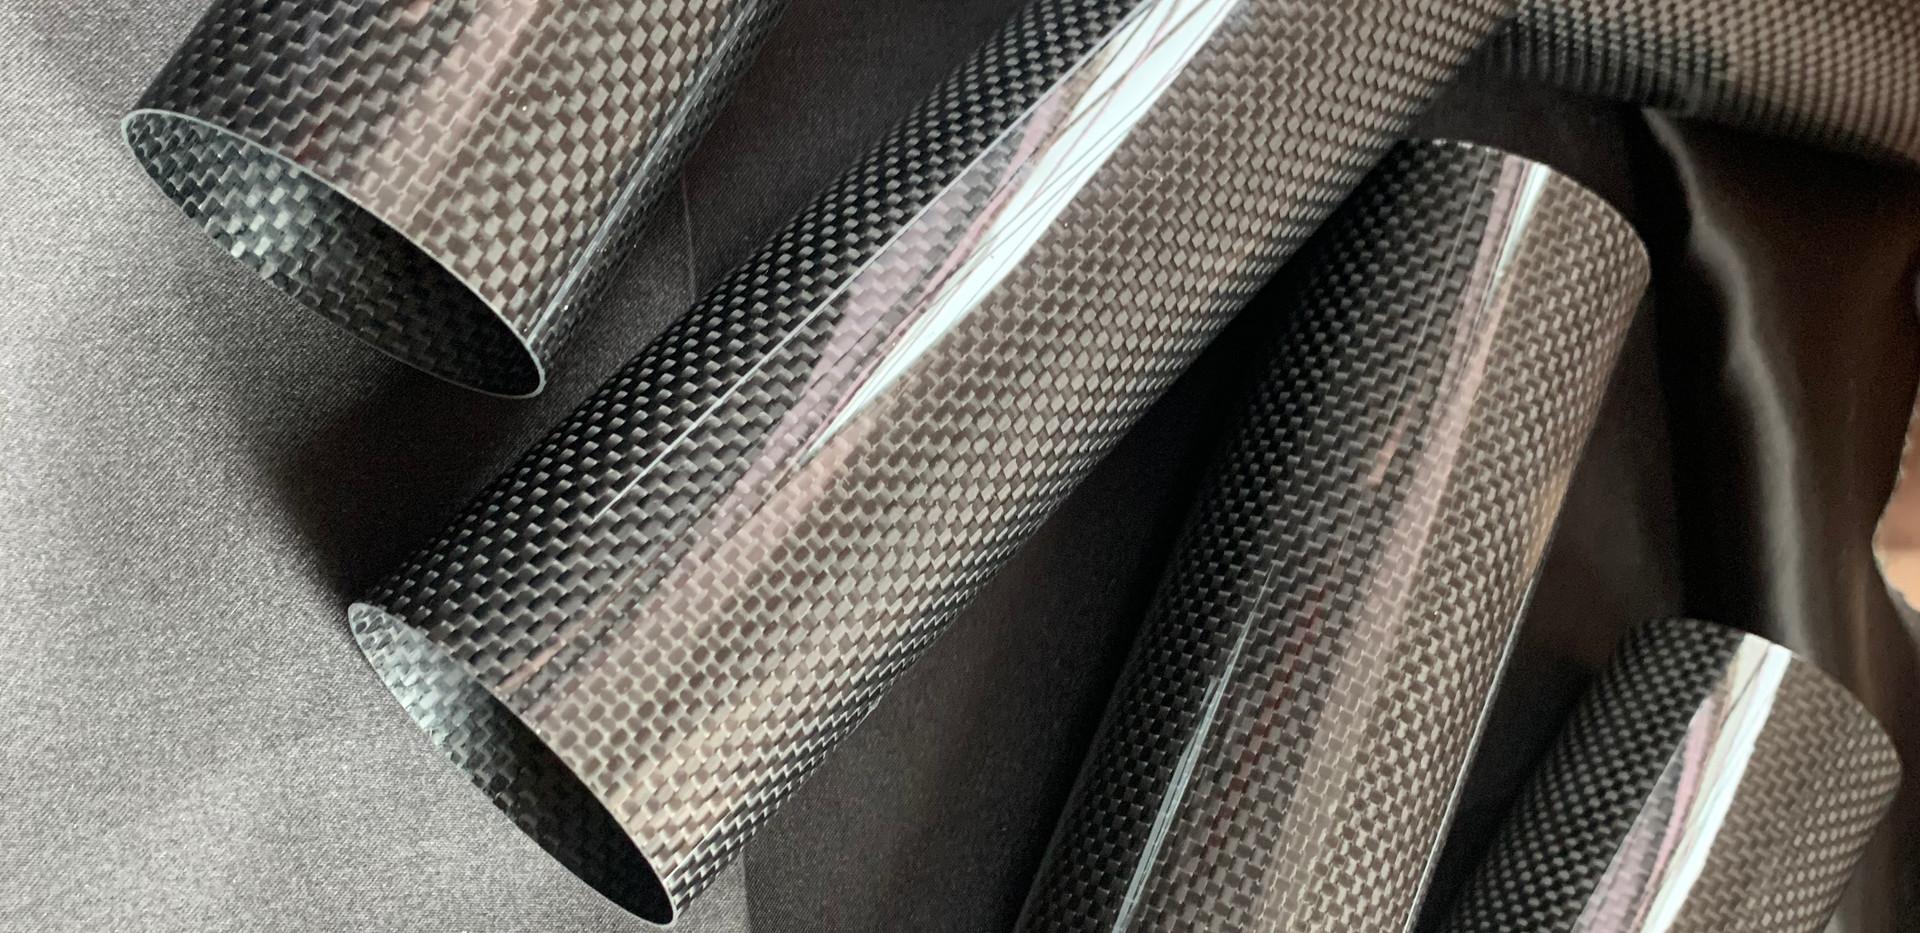 Large diameter carbon fiber tube.jpg